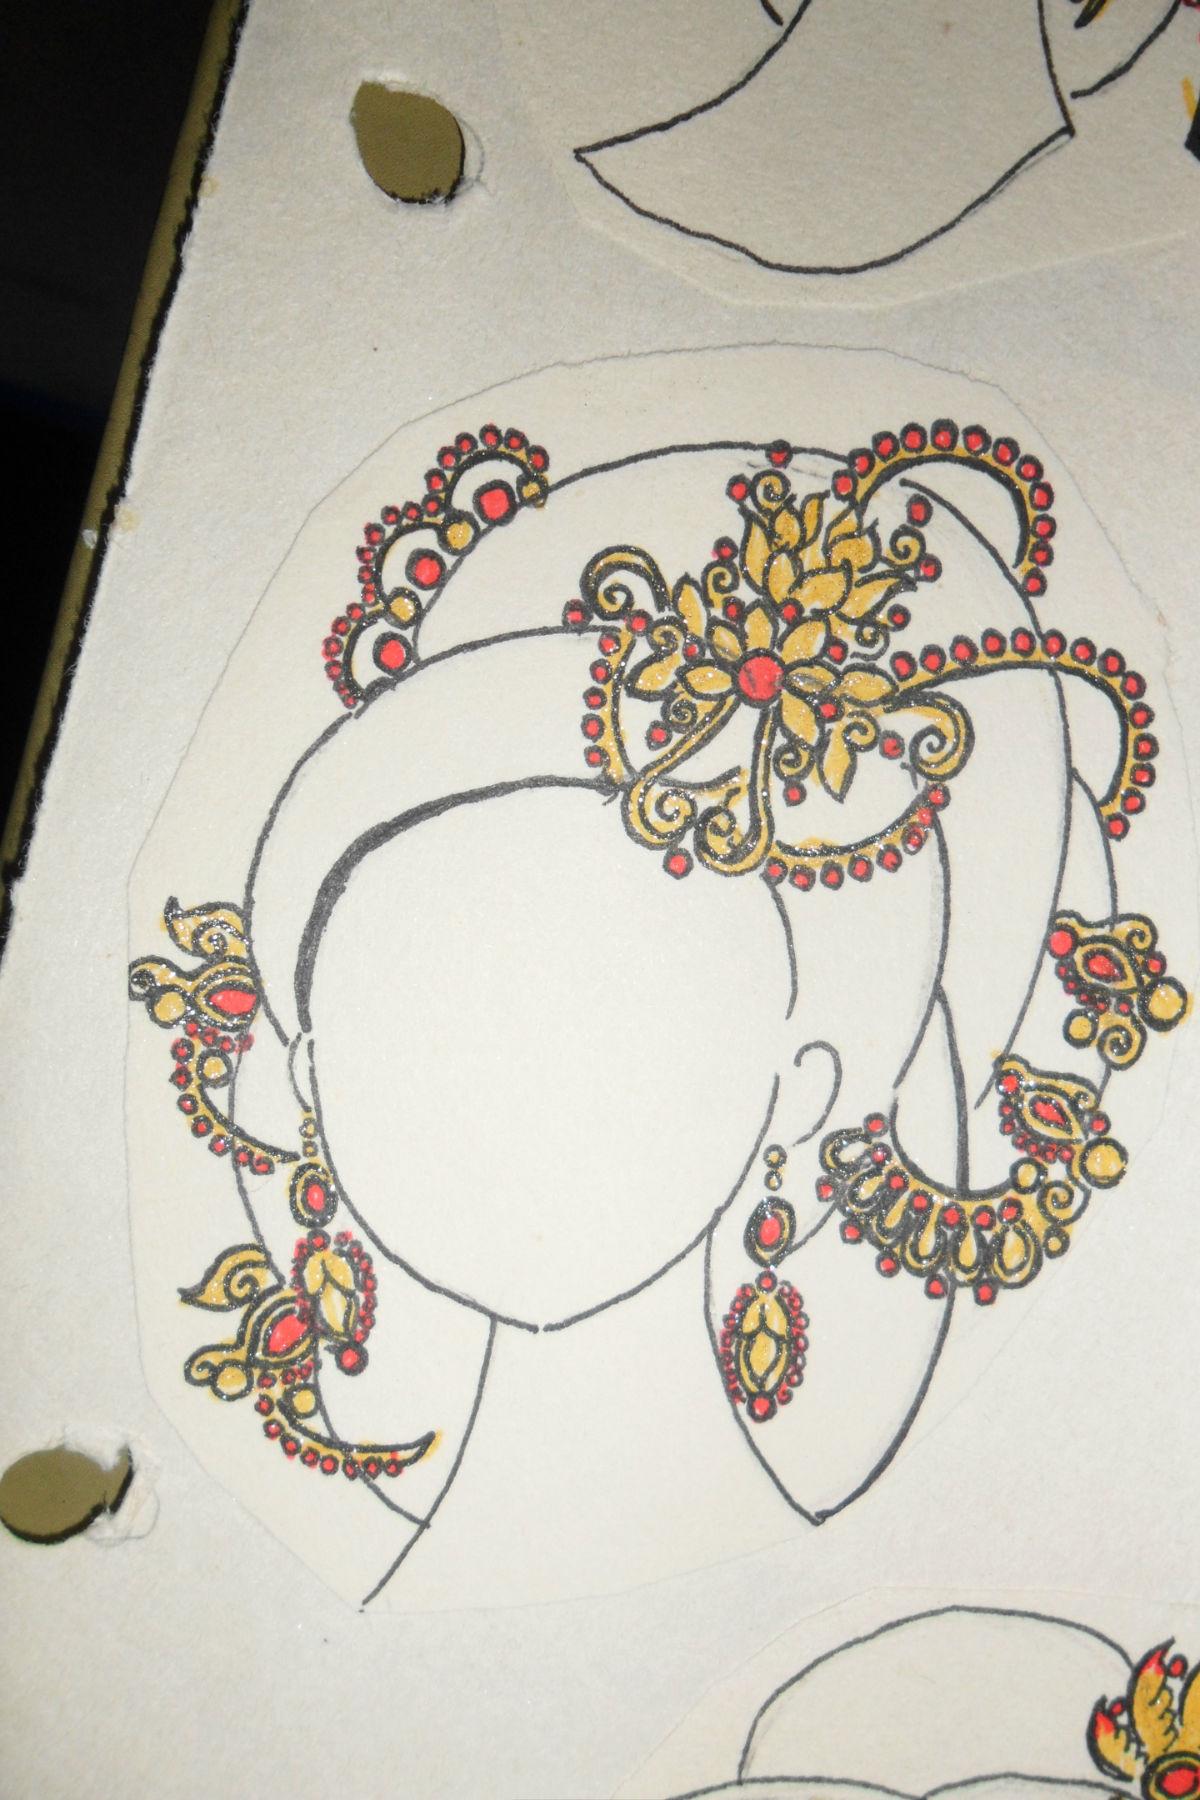 我的手绘图样唐代后宫妃嫔皇后头饰   以唐朝后宫为背景,道高清图片